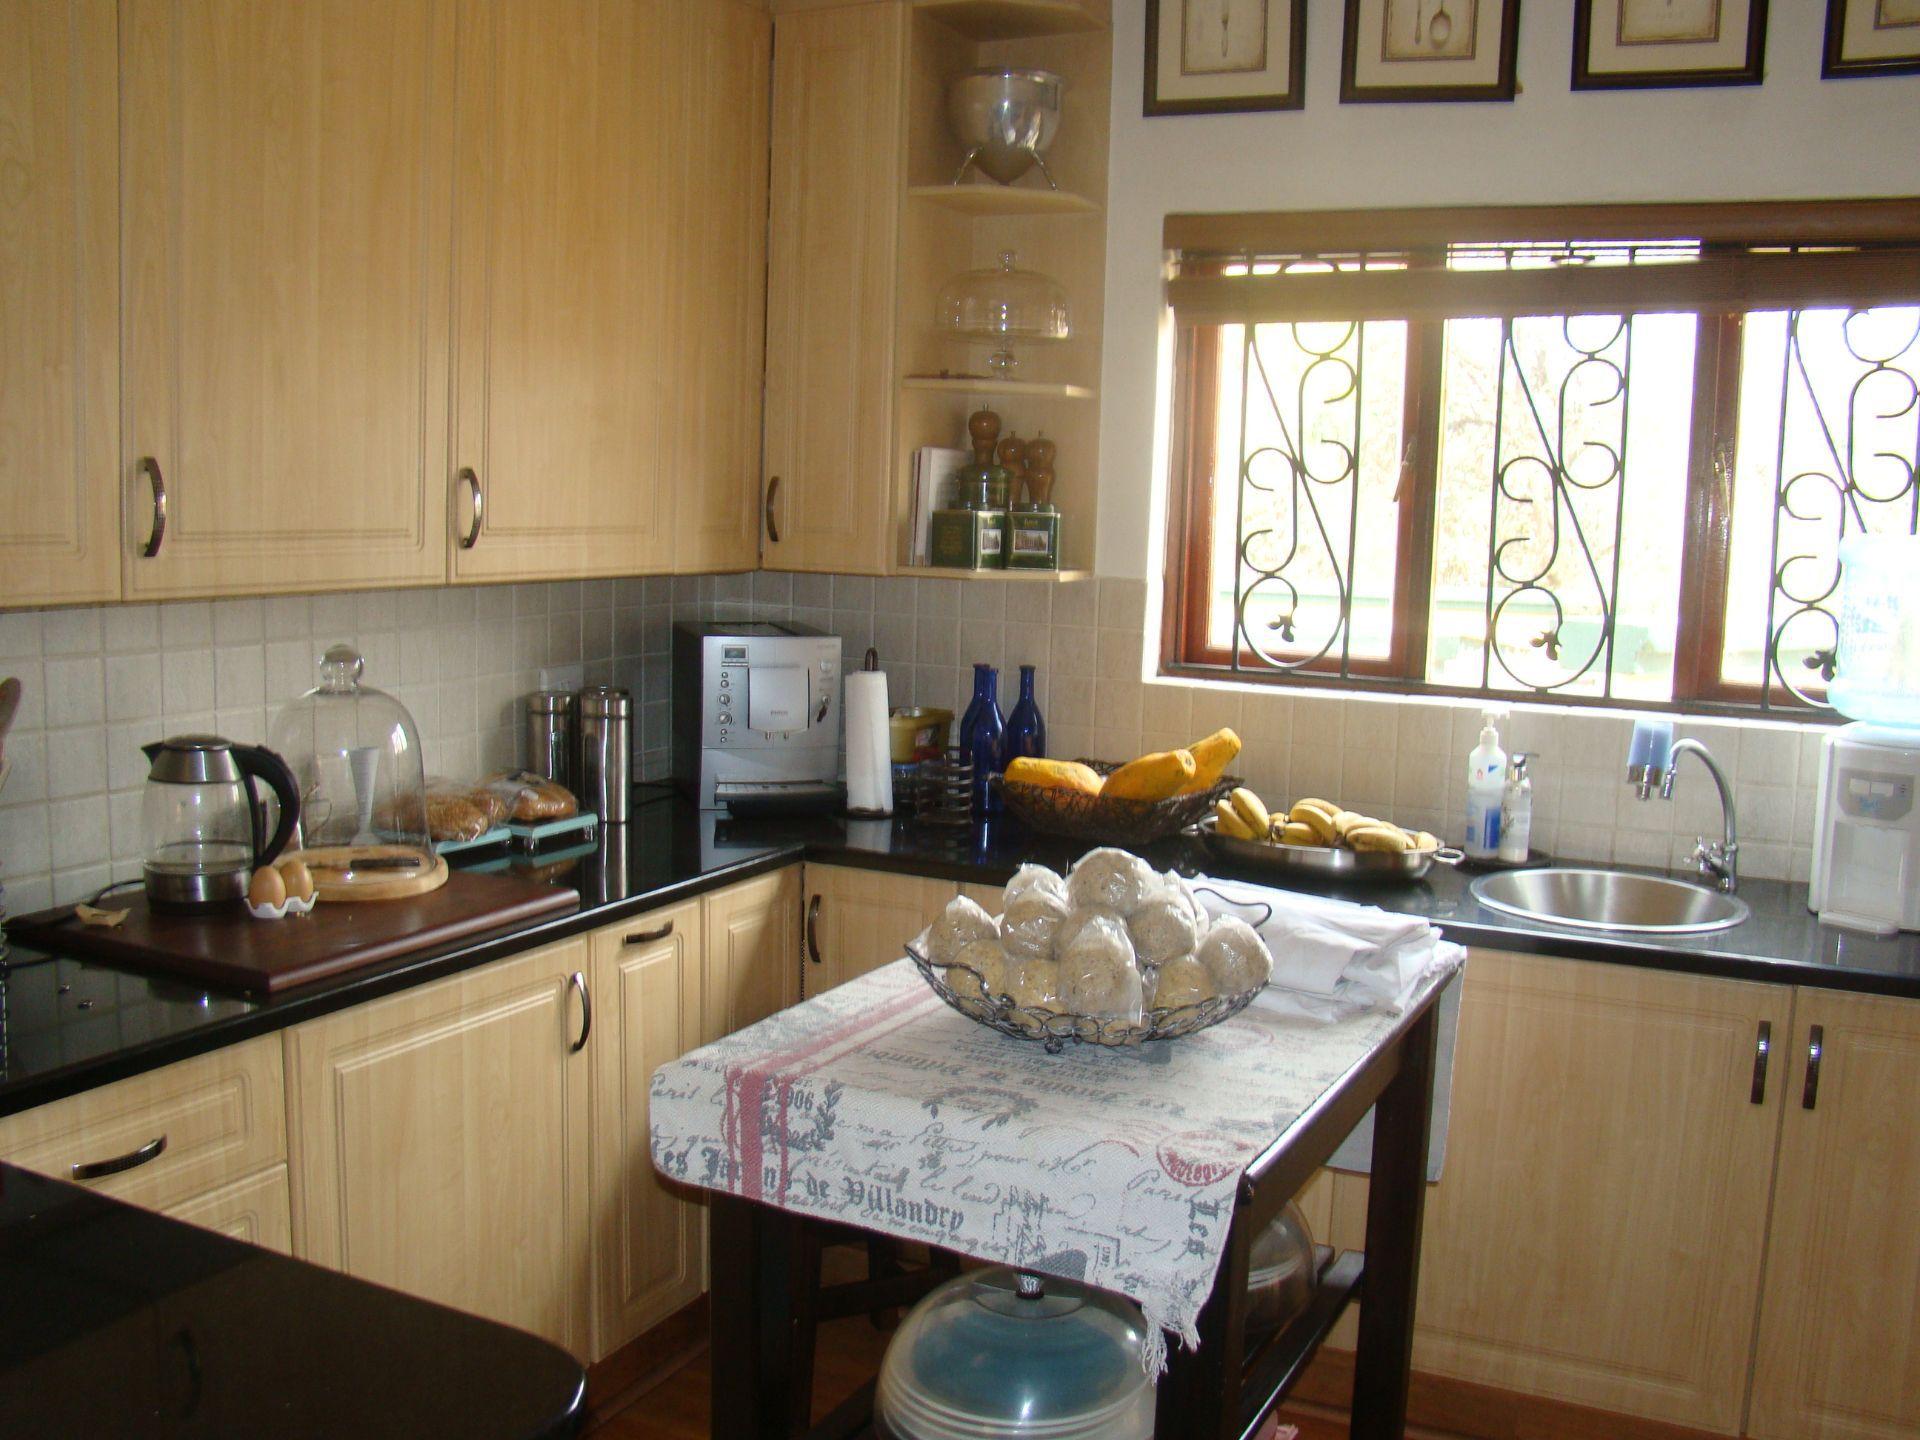 Craigavon kitchen cupboards.JPG